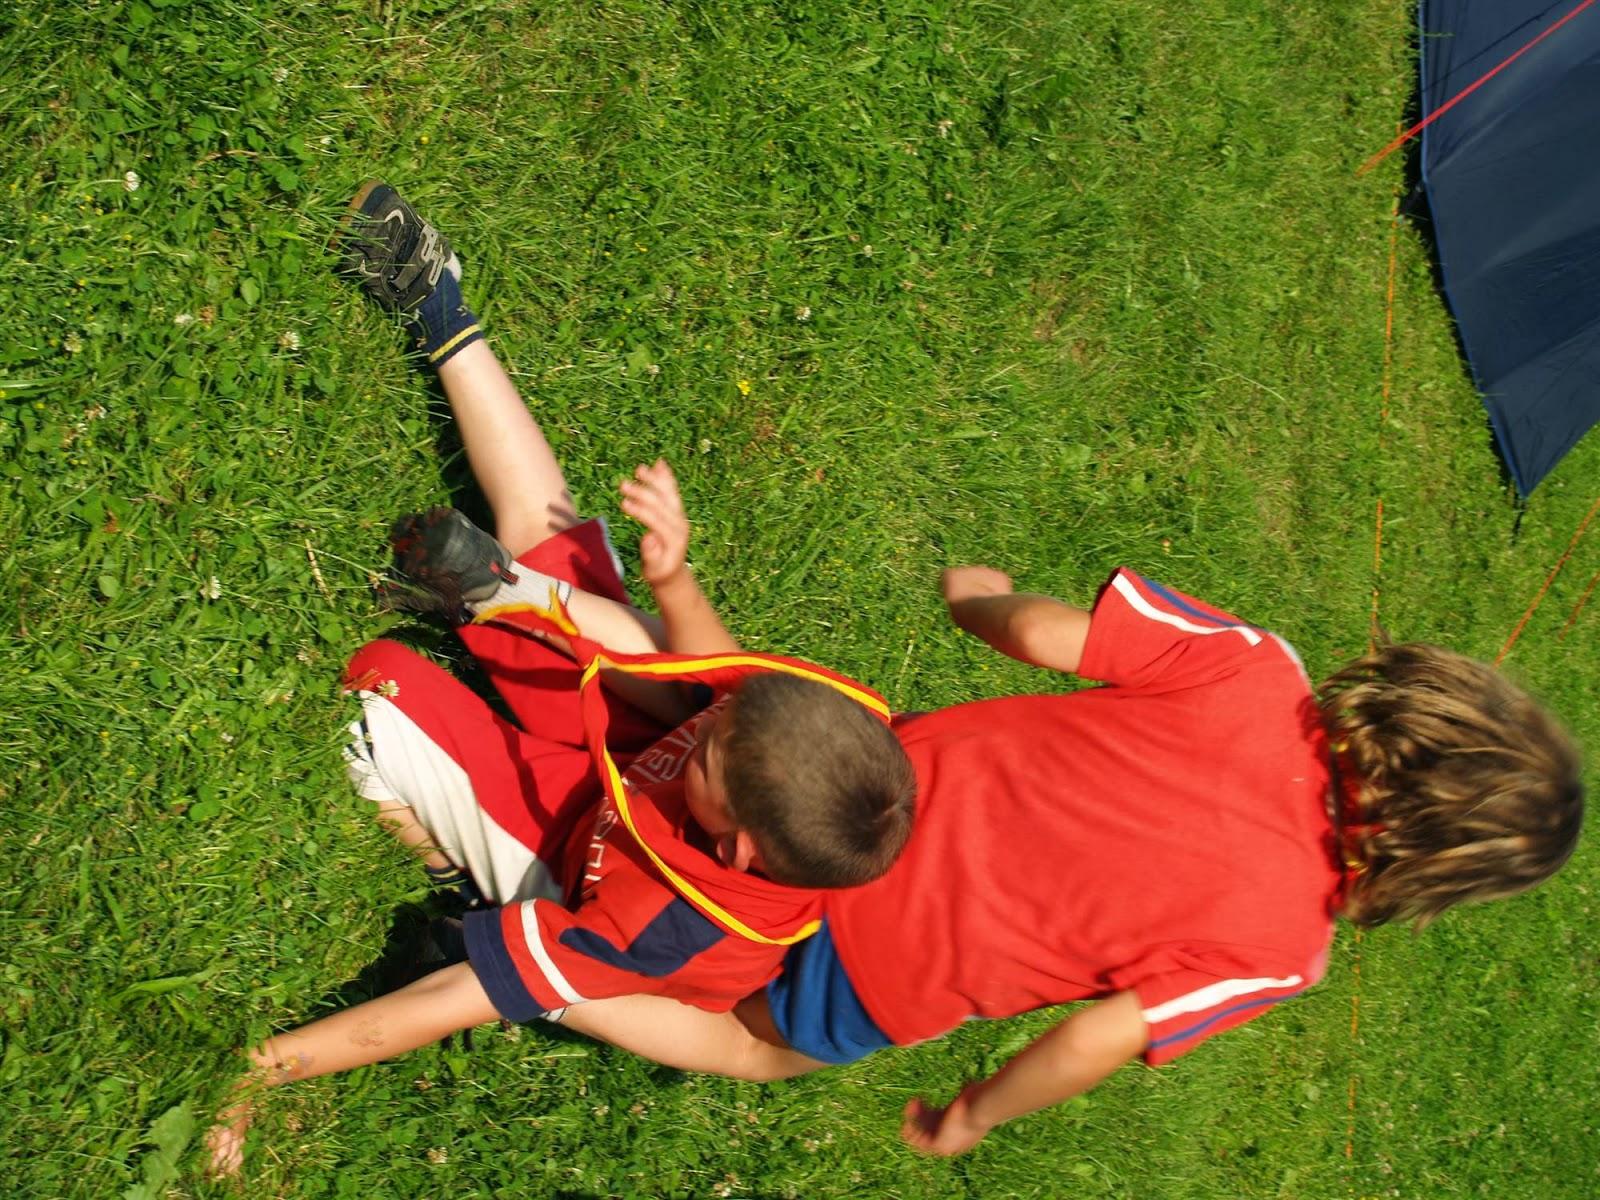 Državni mnogoboj, Velenje 2007 - P0167336.JPG